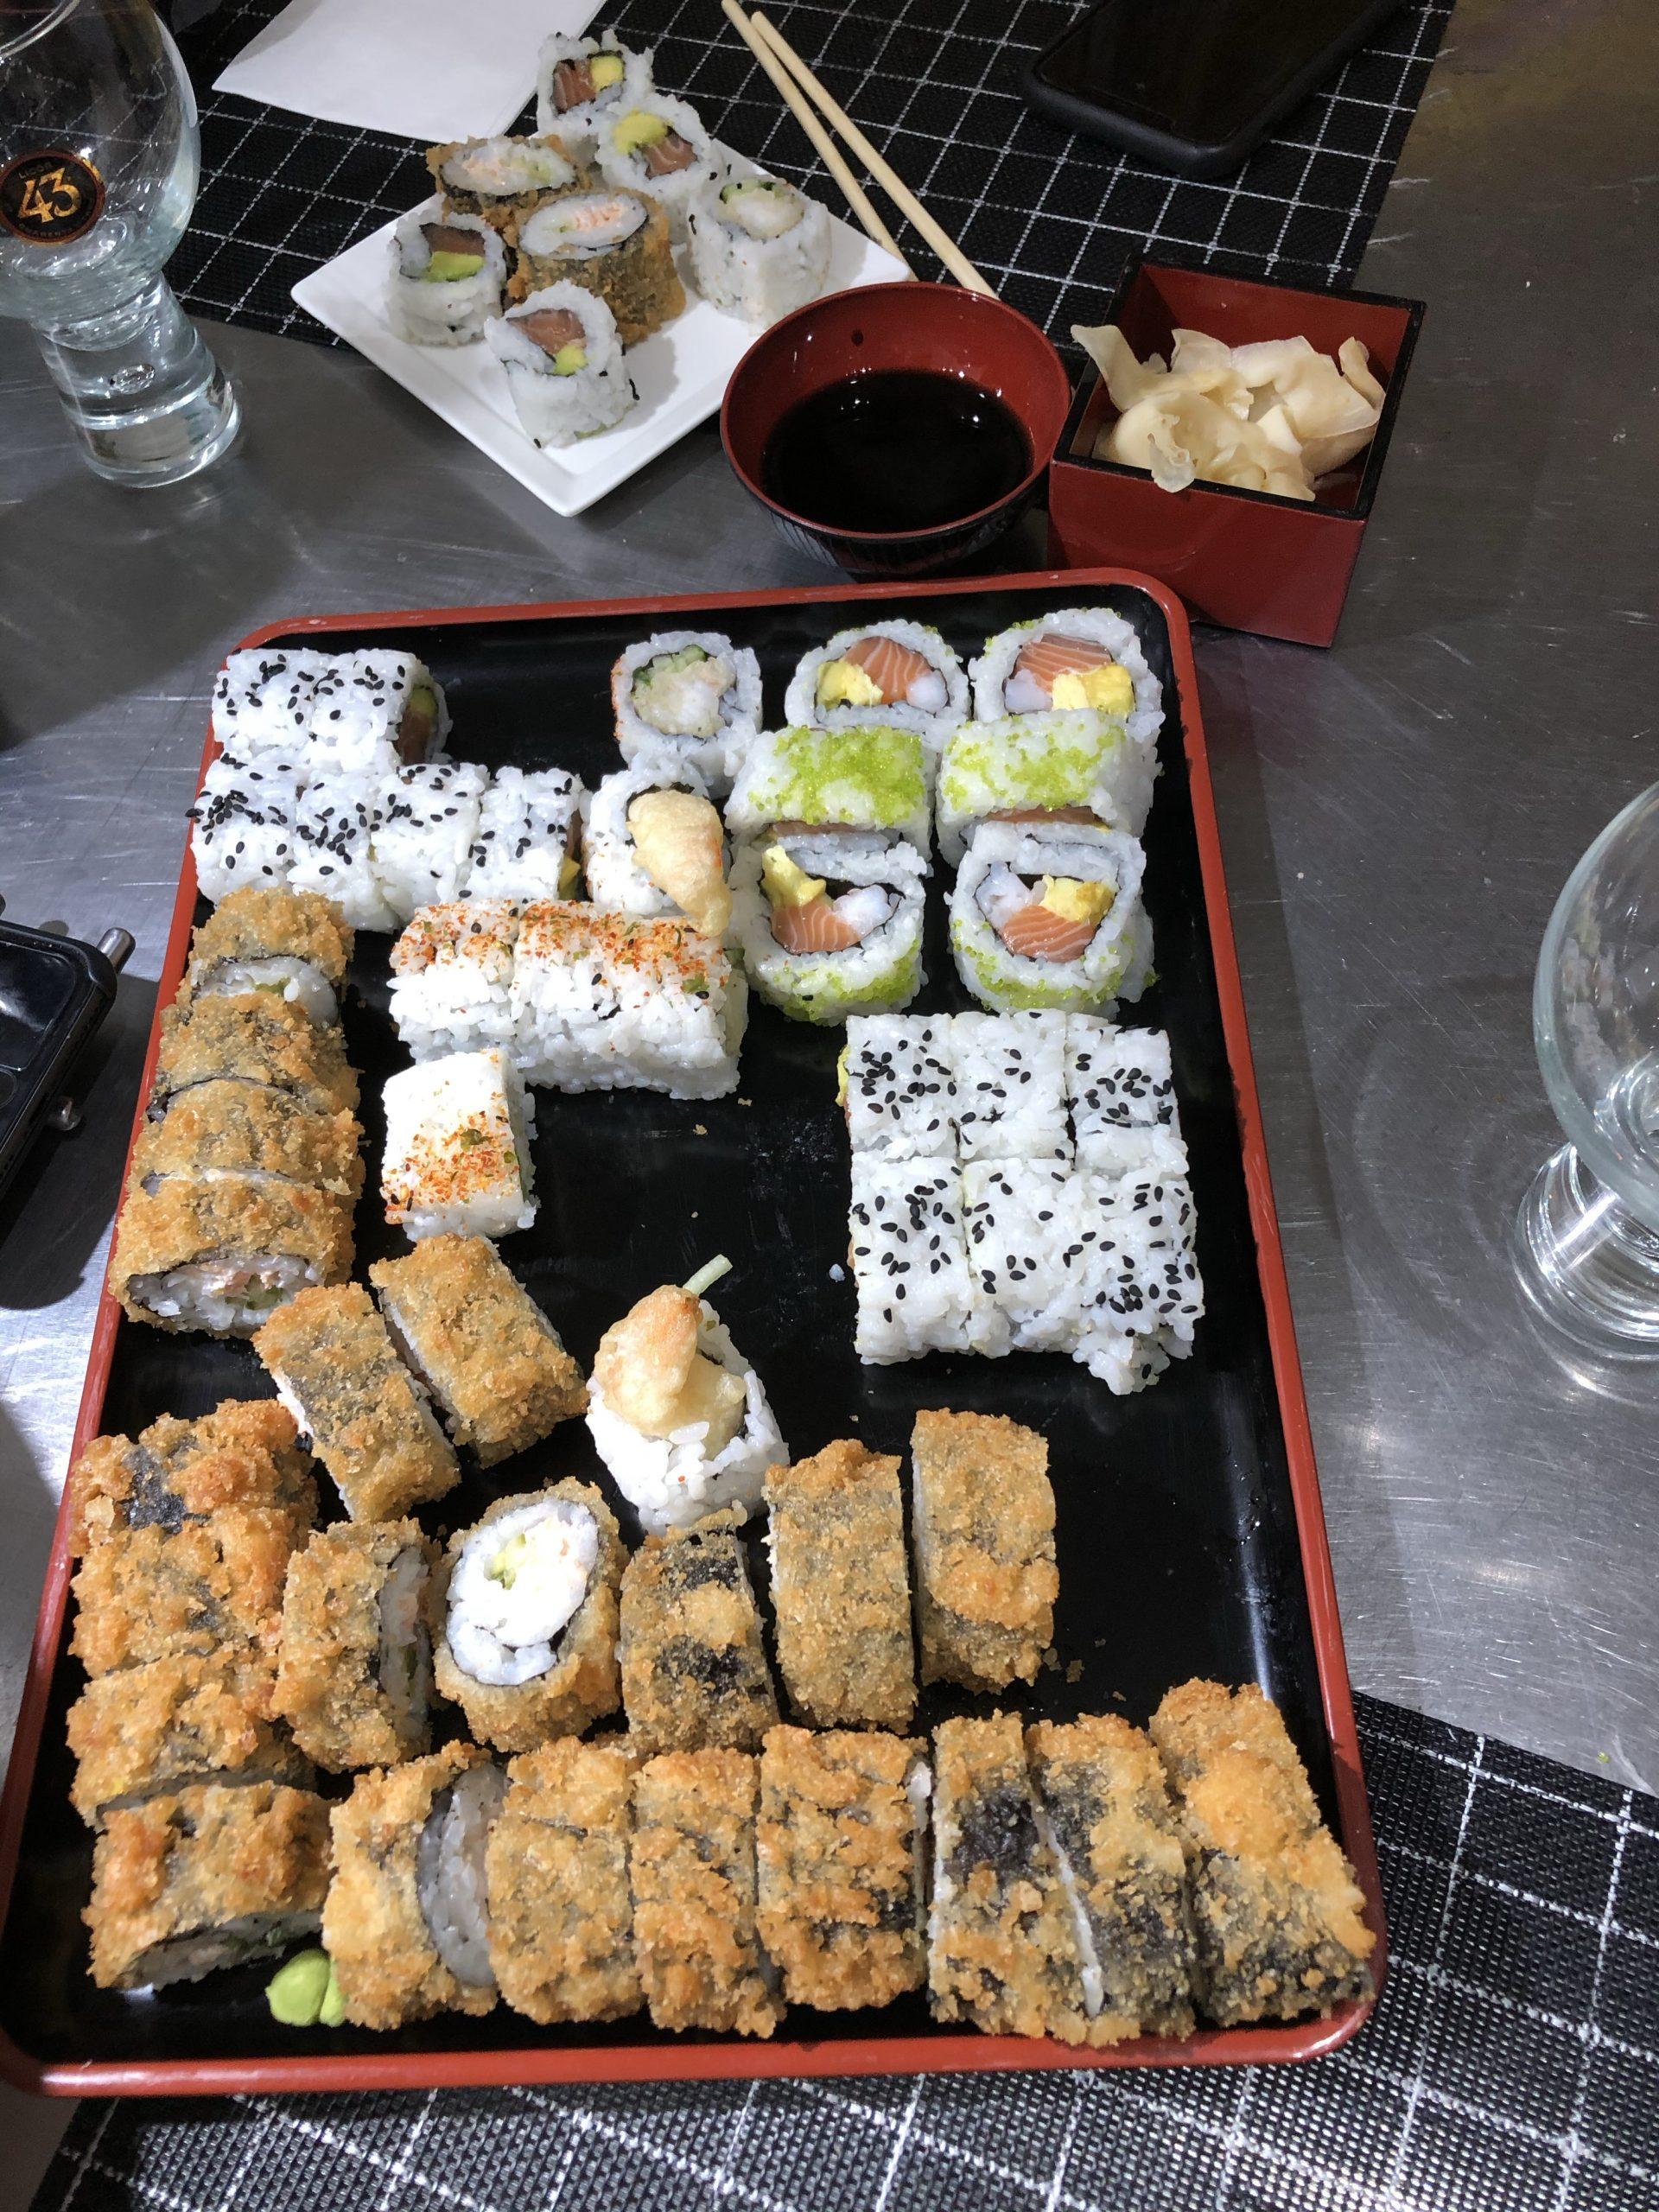 Takeaway Sushi In Lockdown